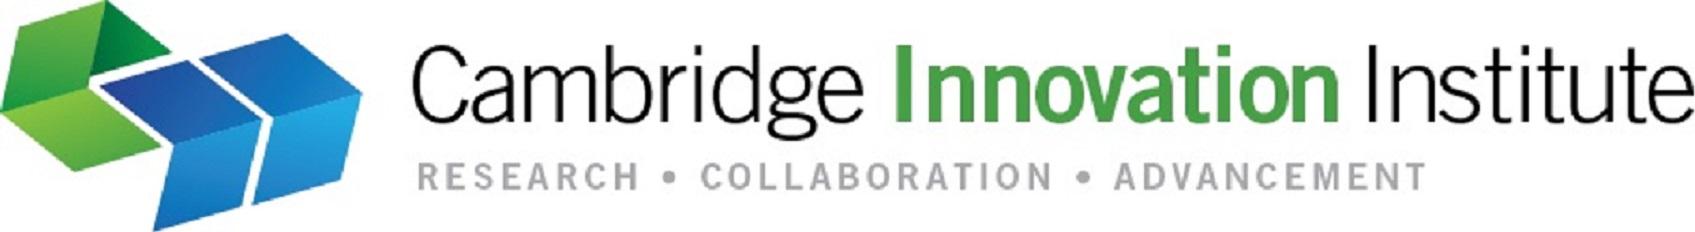 Cambridge Innovation Institute